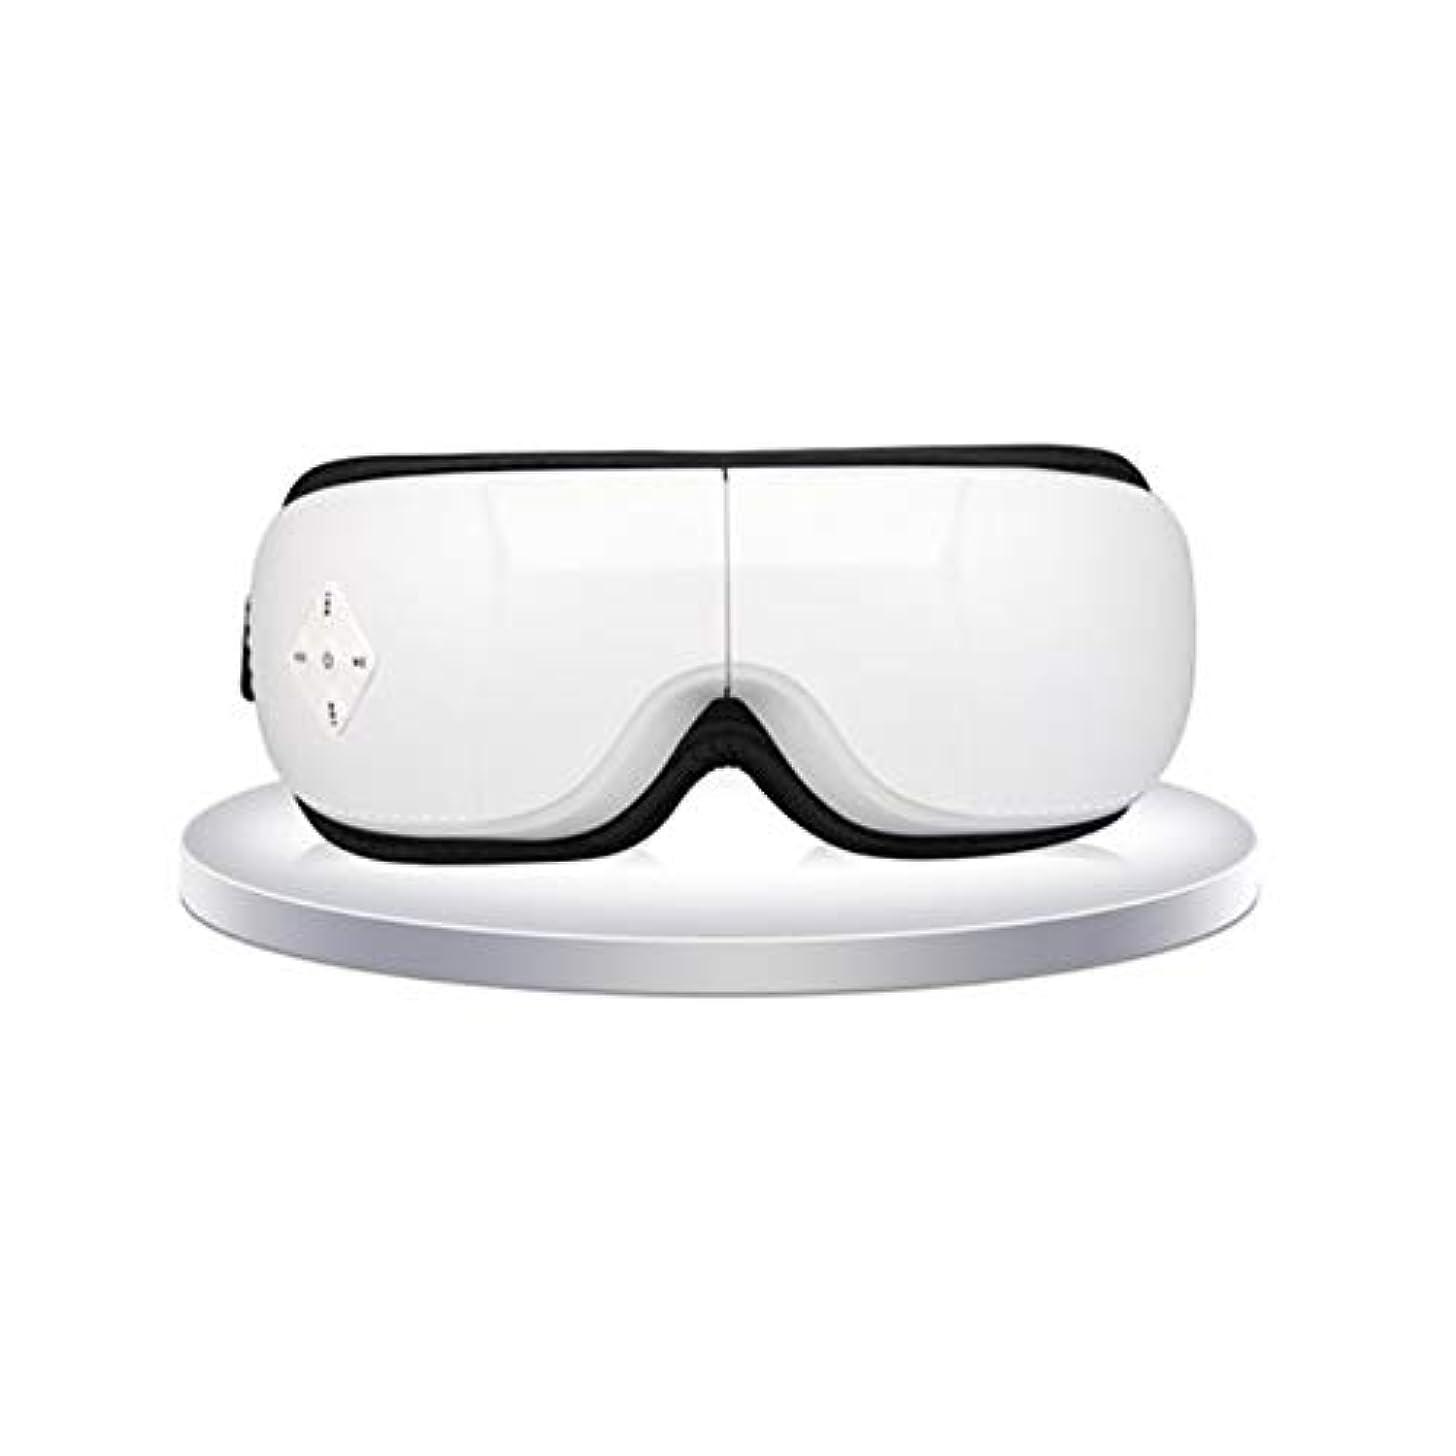 マッサージャーマッサージアイプロテクターホットアイマスク疲労緩和マッサージ (Color : White)